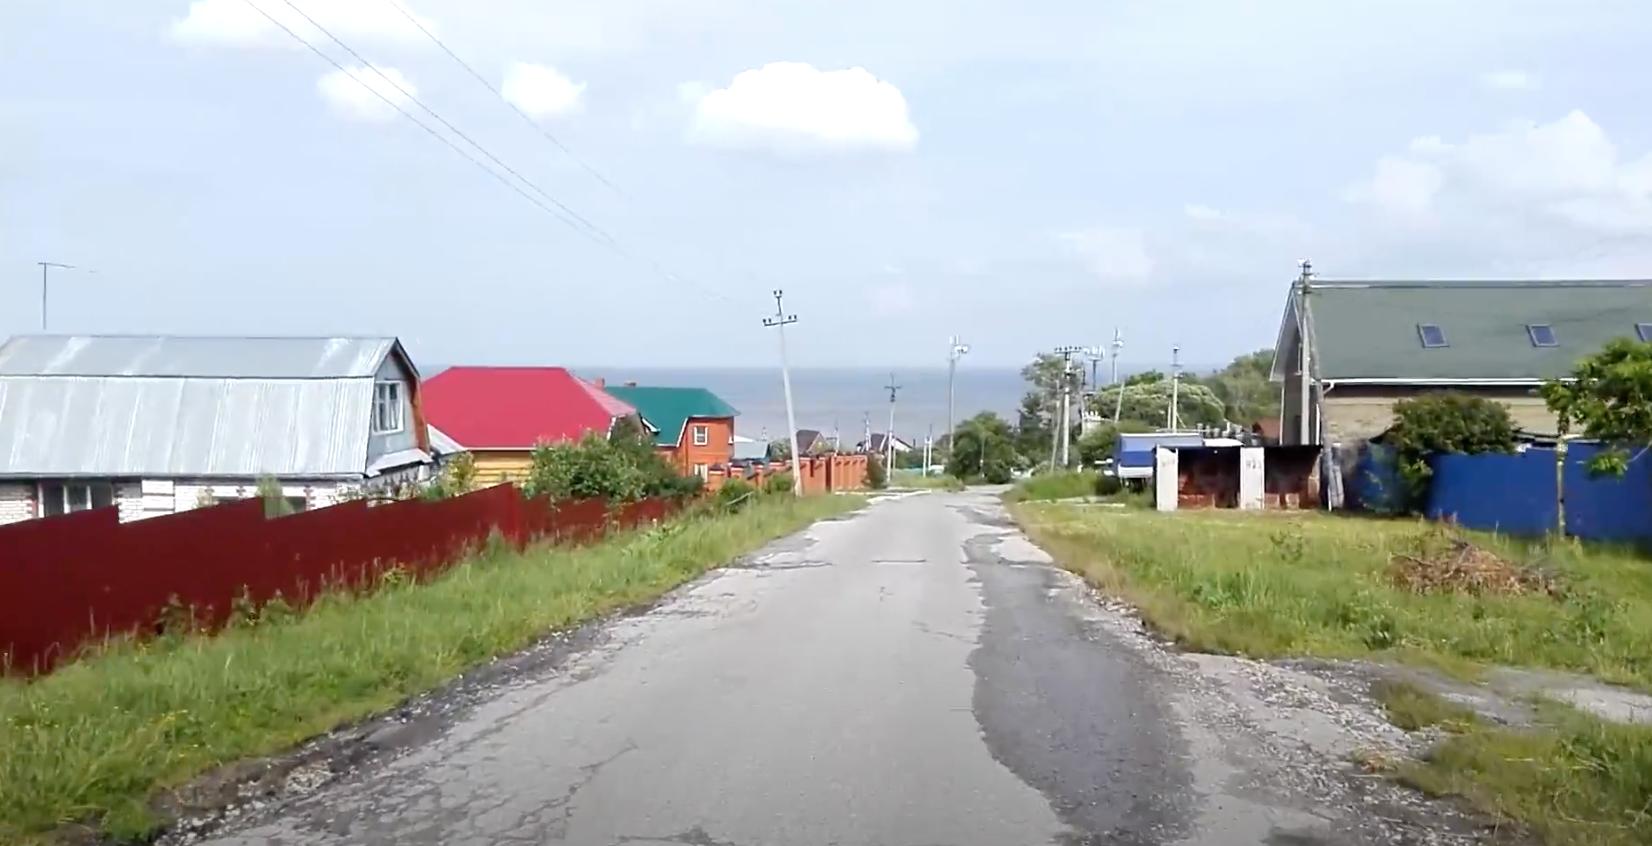 Сланцевый Рудник в Ульяновской области. Кадр из видео YouTube / Персональный